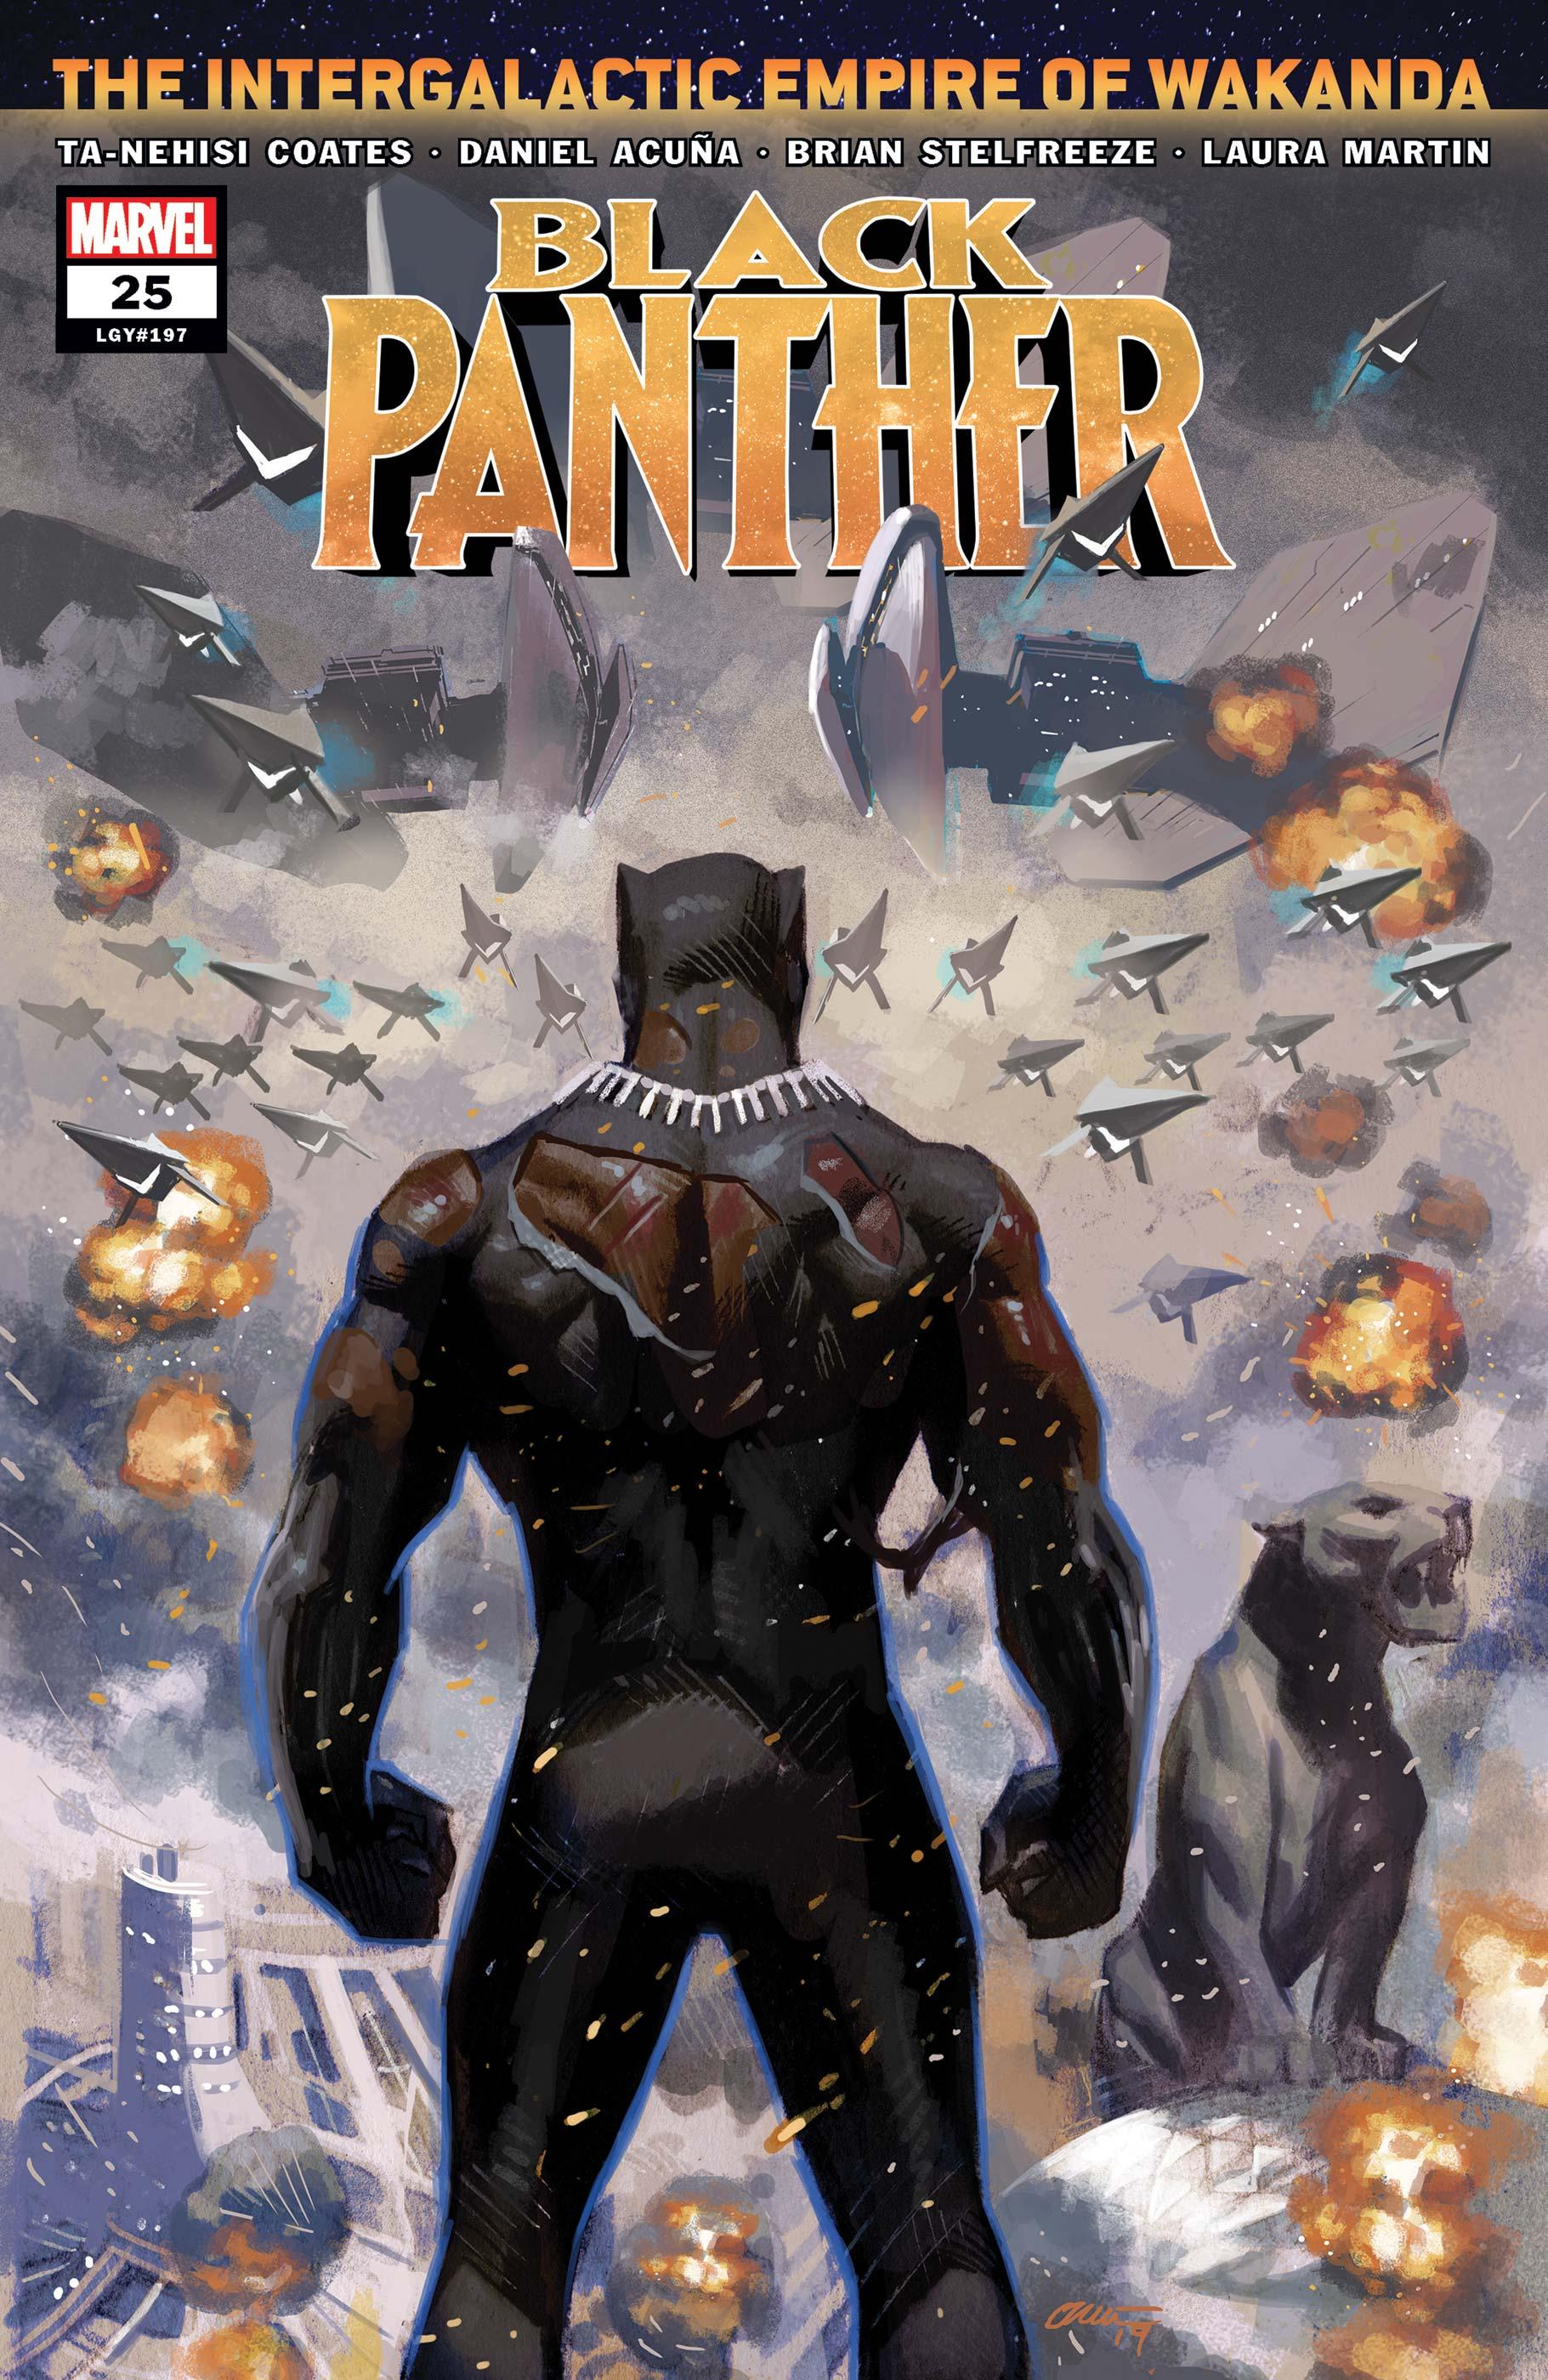 Black Panther (2018) #25